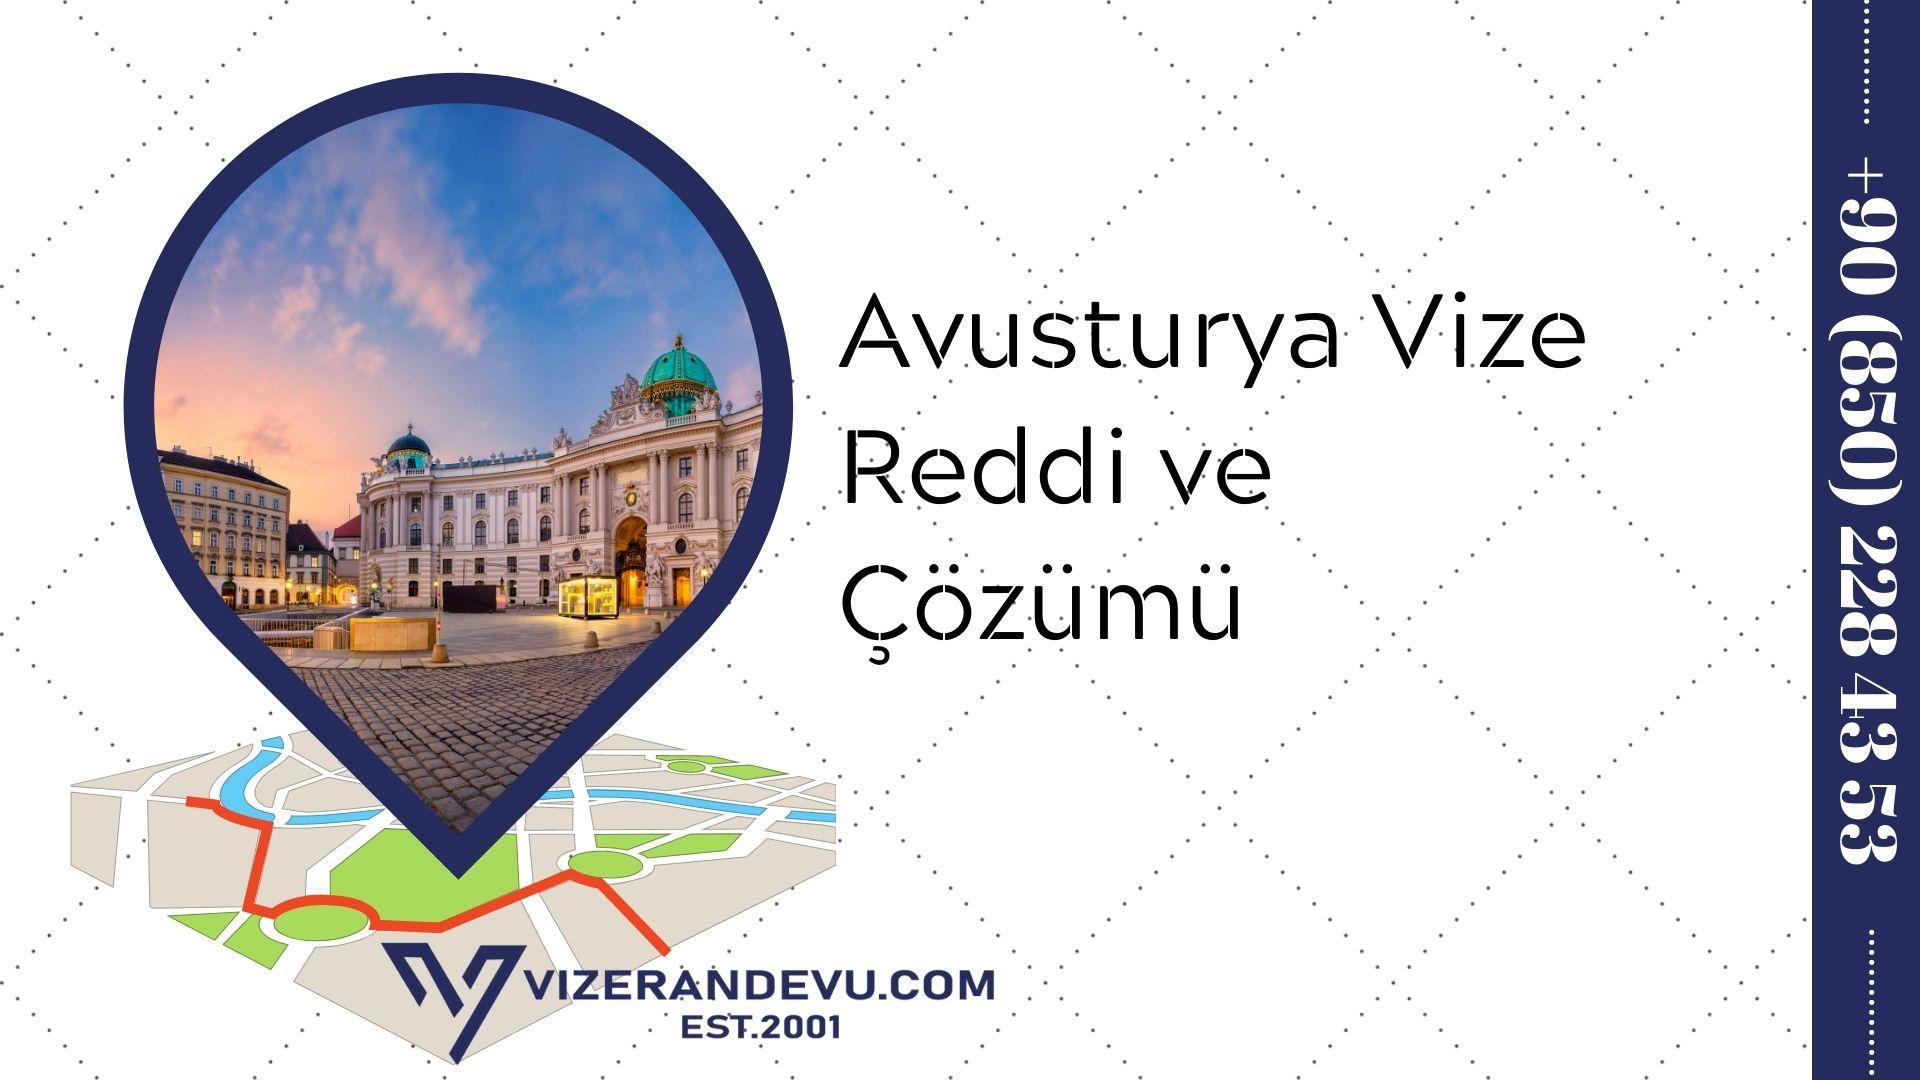 Avusturya Vize Reddi ve Çözümü (2021)